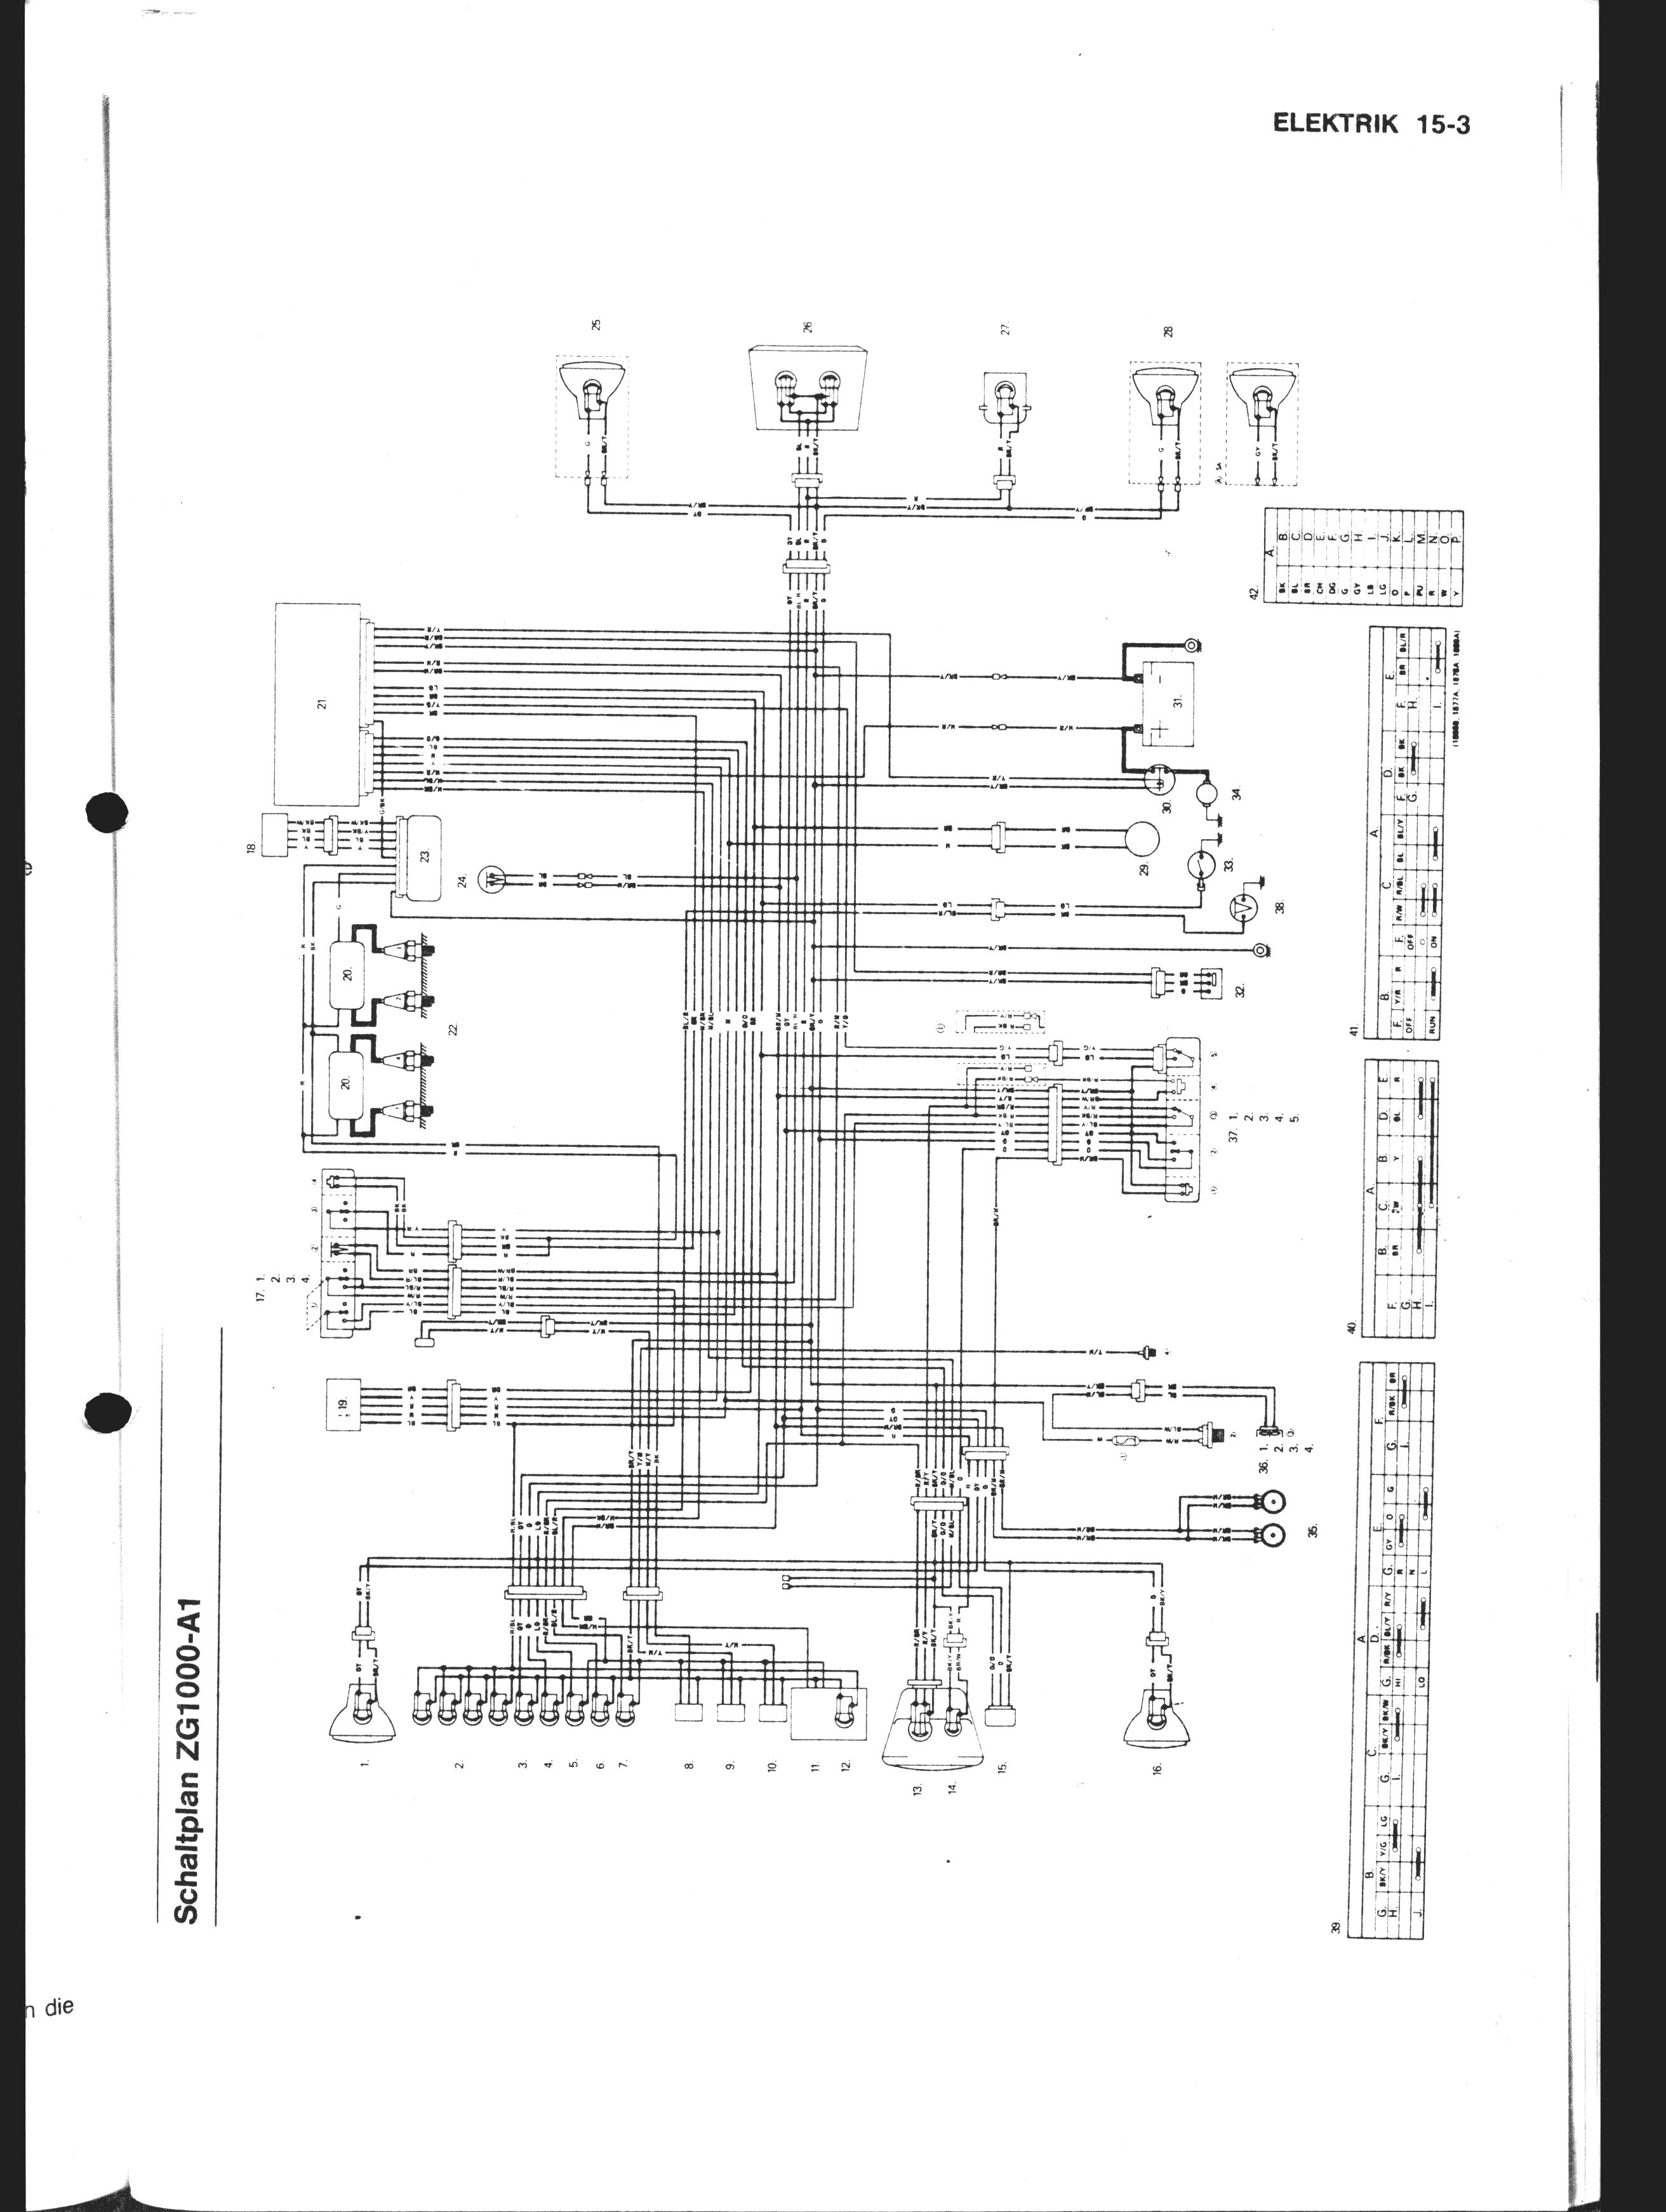 Großzügig A1 Fensterheber Schaltplan Galerie - Der Schaltplan ...